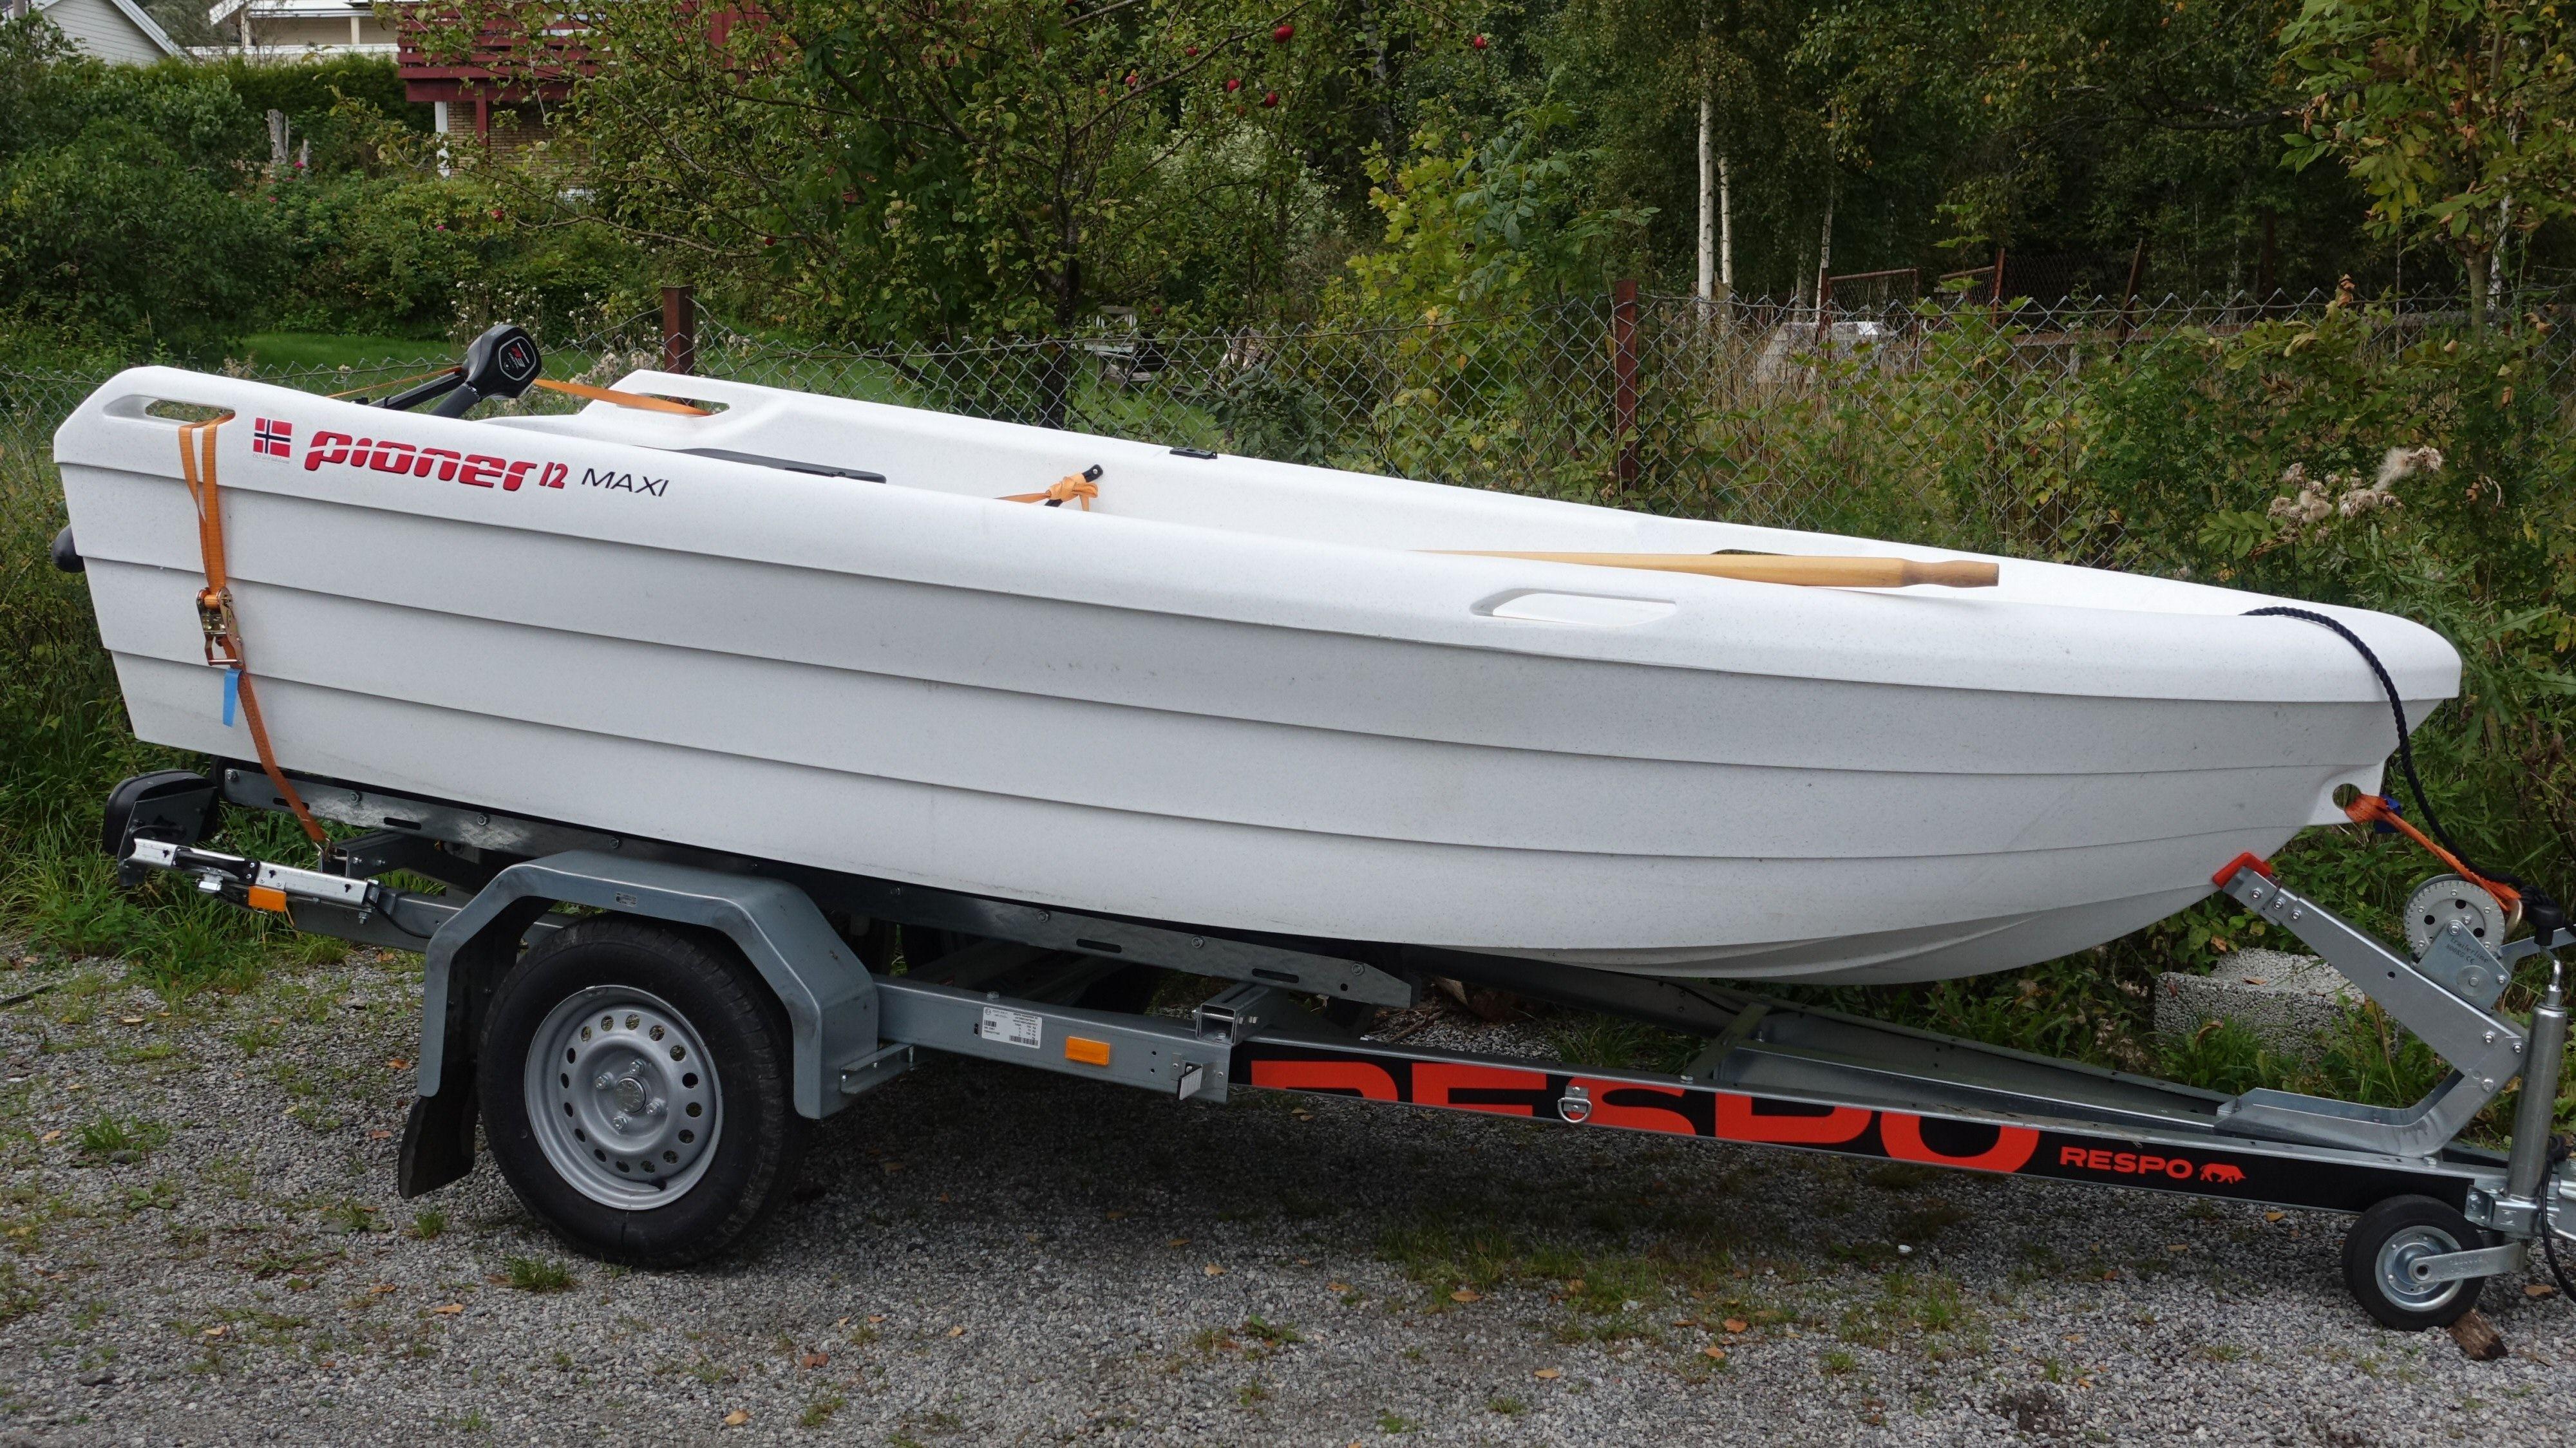 Det er klart enklest å sette ut eller frakte båten med henger. Denne fra Respo passer båten som hånd i hanske.